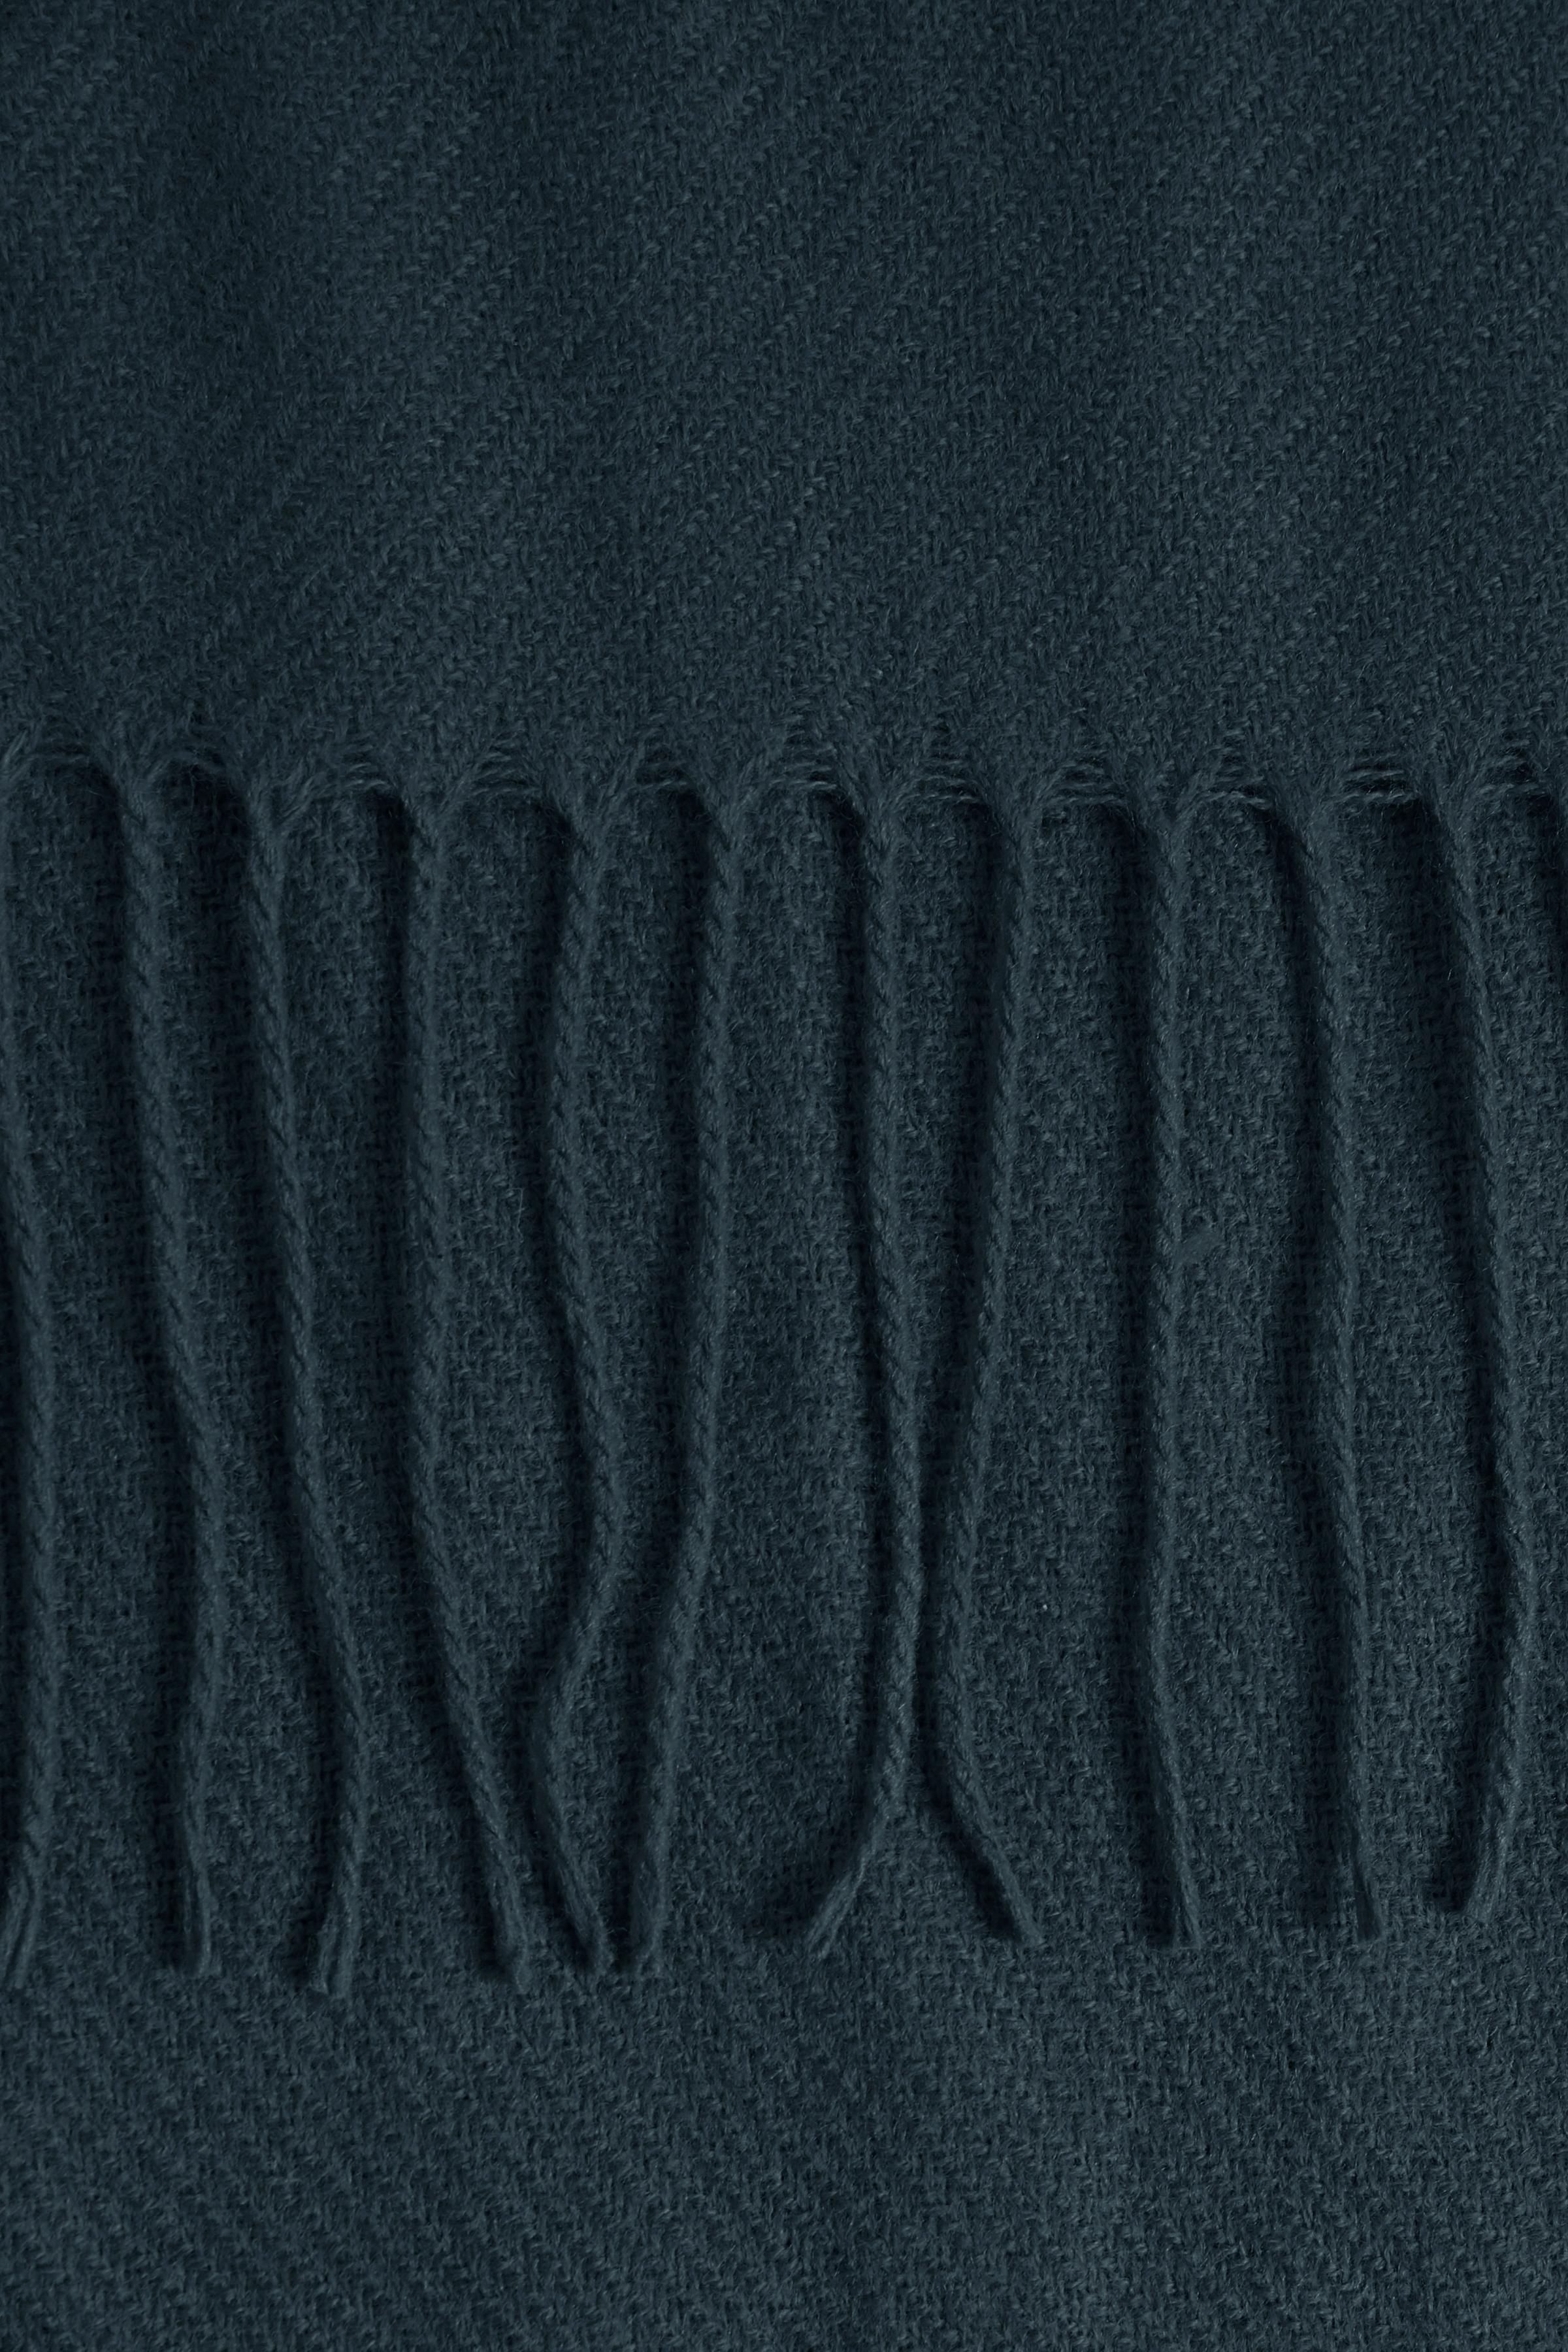 Mørkeblå Tørklæde fra Ichi - accessories – Køb Mørkeblå Tørklæde fra str. ONE her